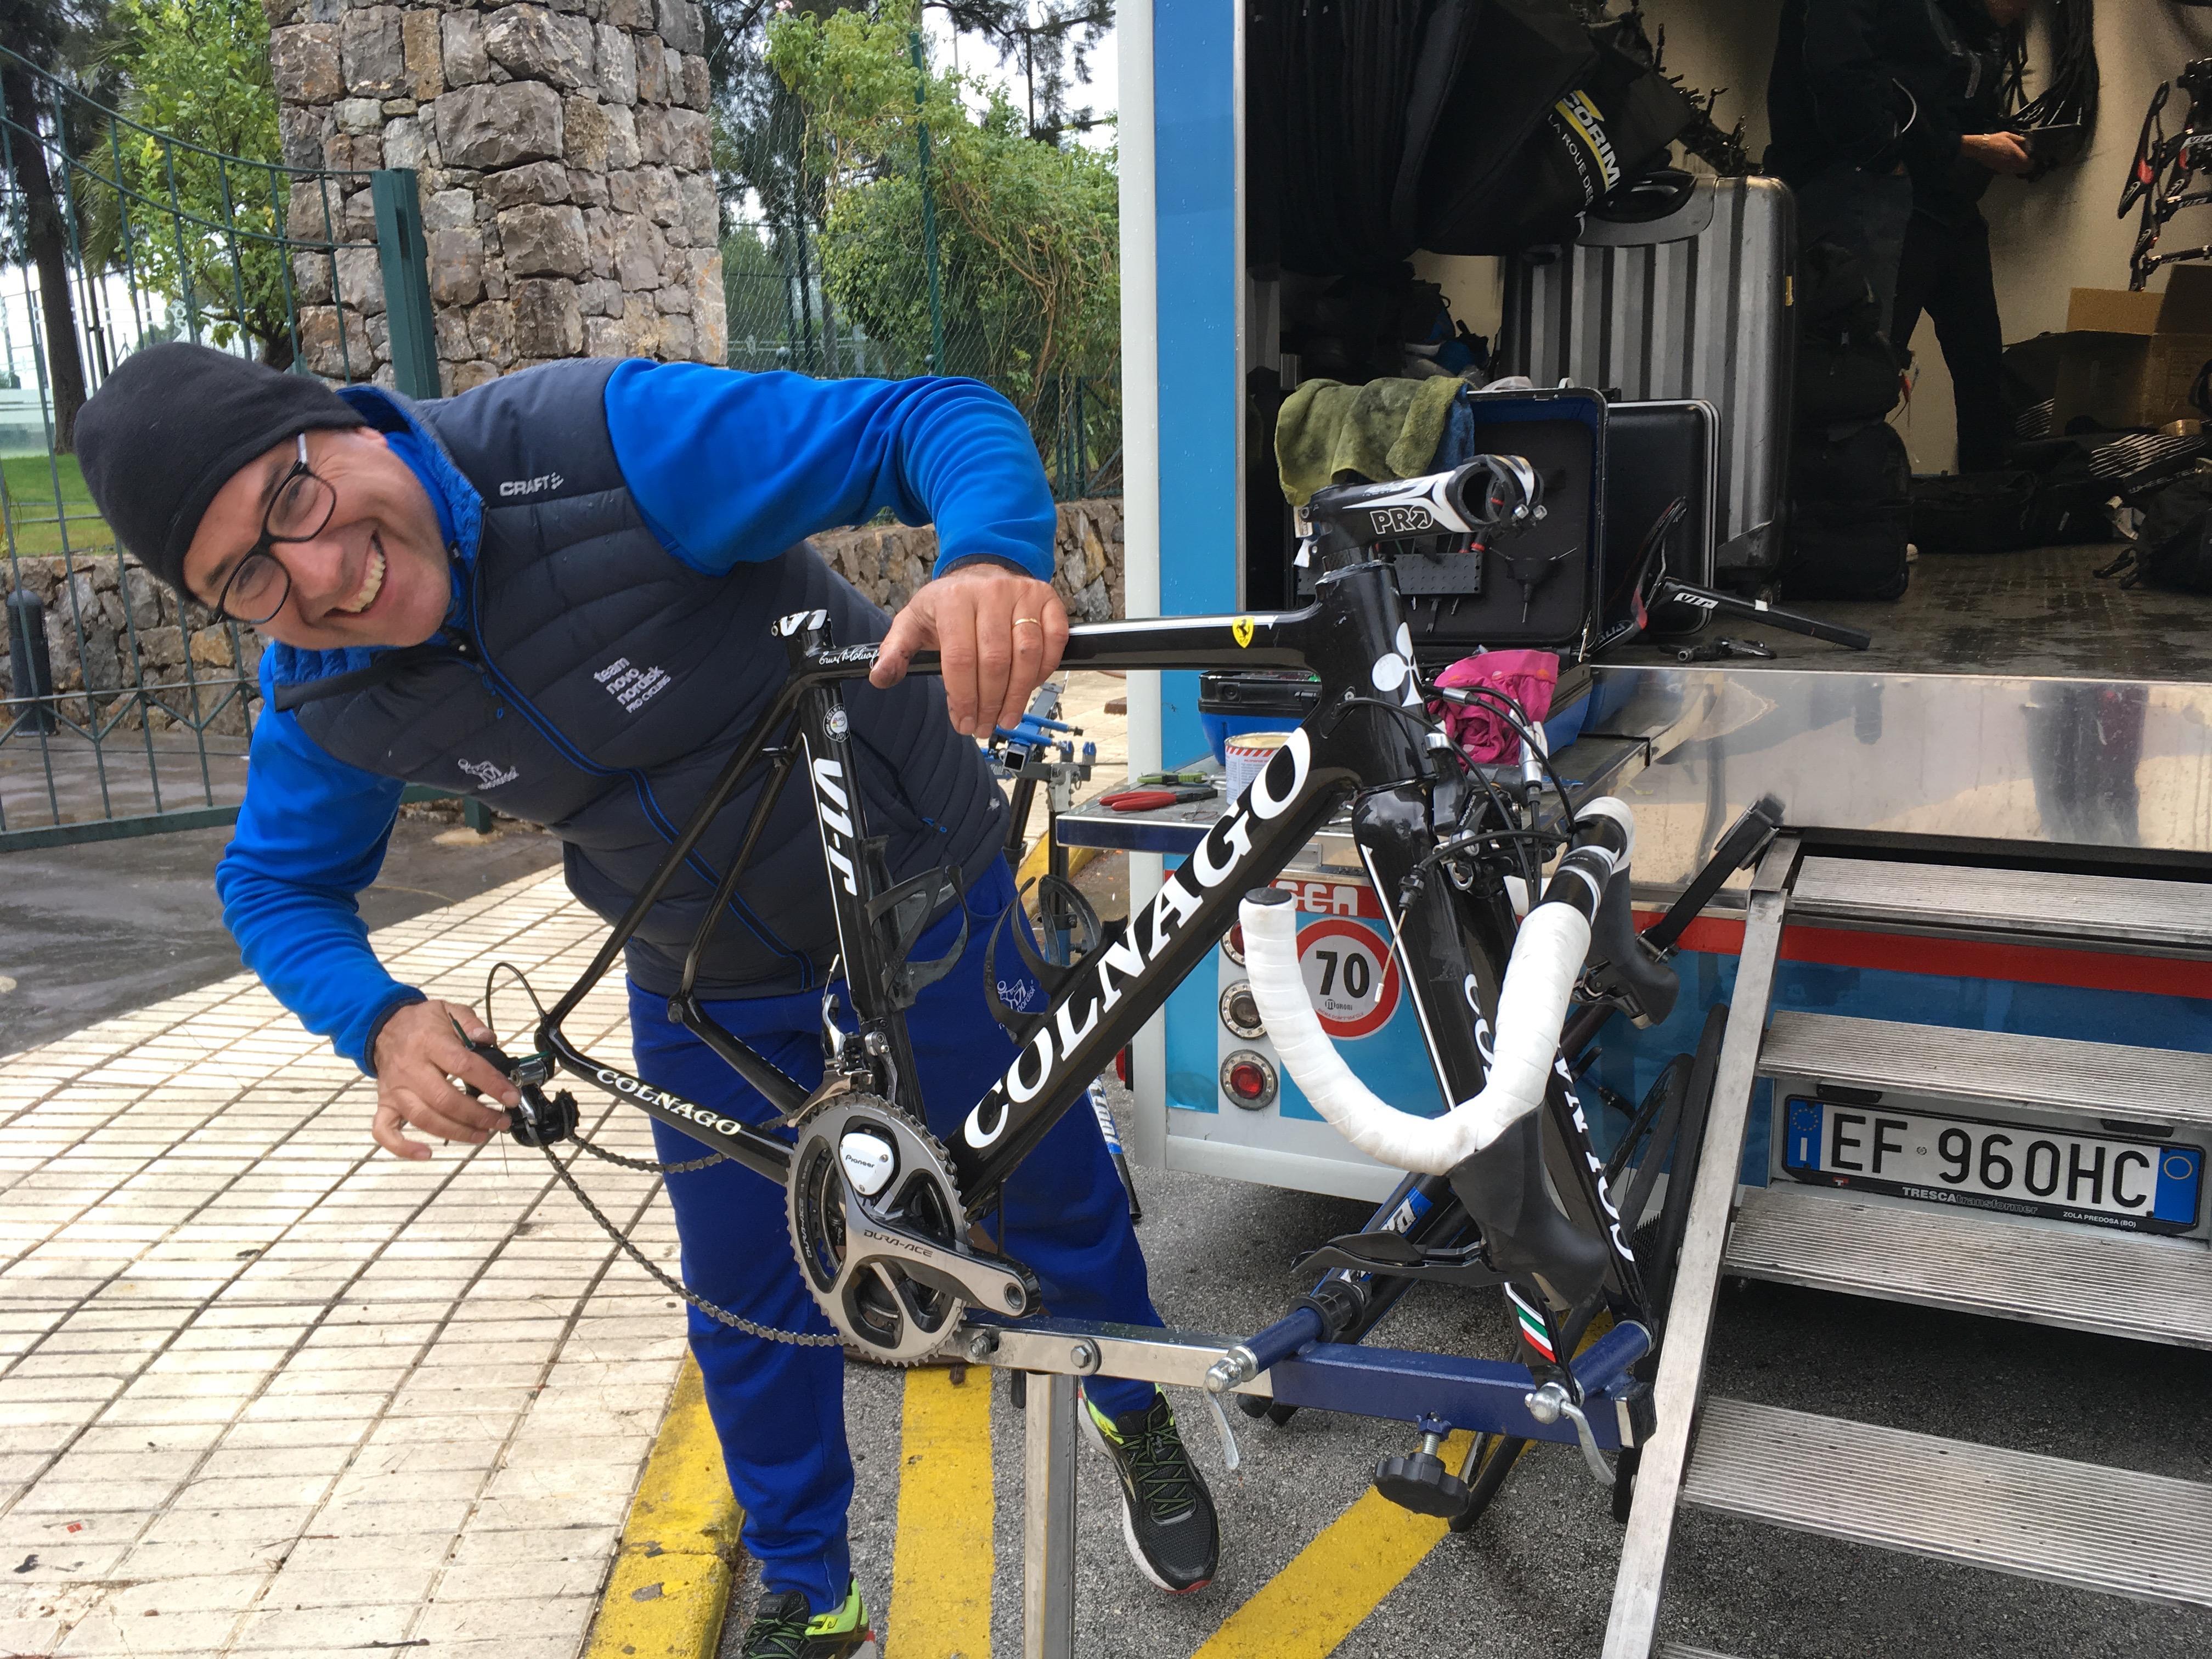 Ein Mechaniker kümmert sich in der mobilen Fahrradwerkstatt um die schnellen Geschosse der Radprofis.